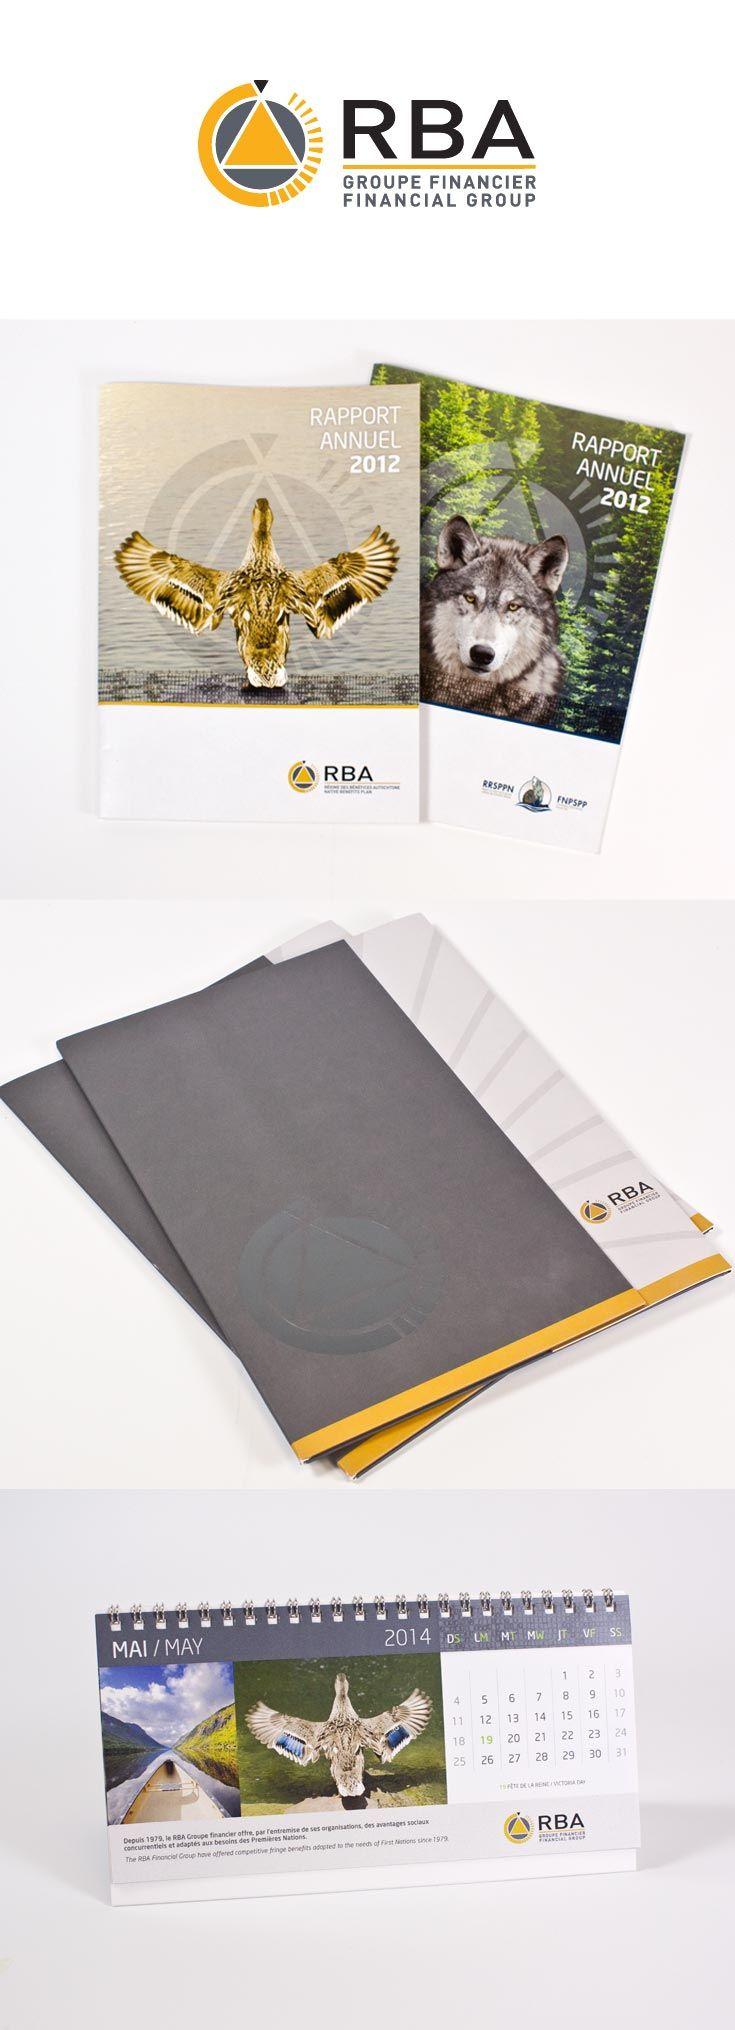 RBA Groupe financier  Création et développement de l'identité visuelle, design graphique, rapport annuel, pochette et calendrier